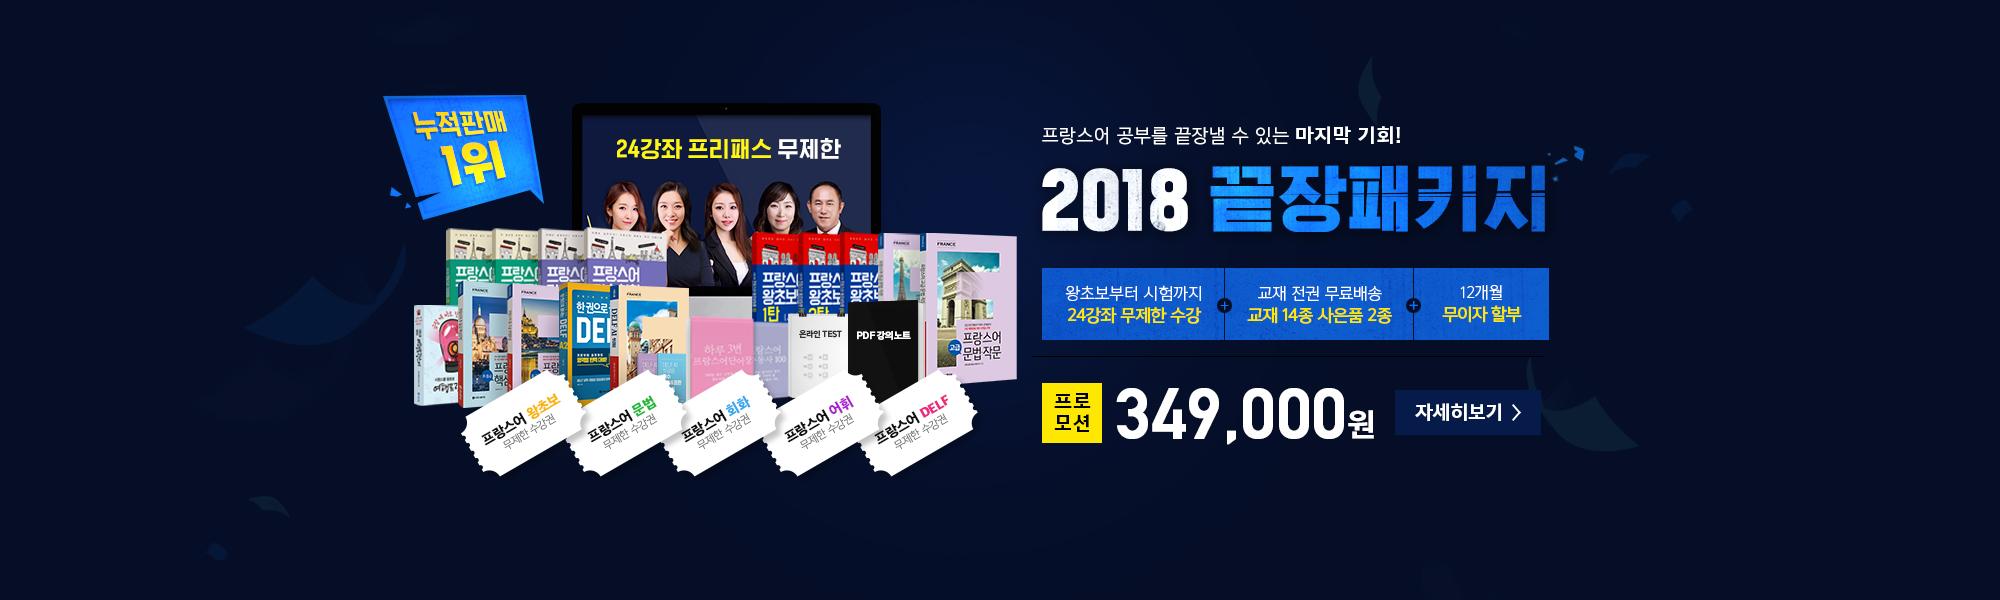 [기간한정] 2018 끝장패키지